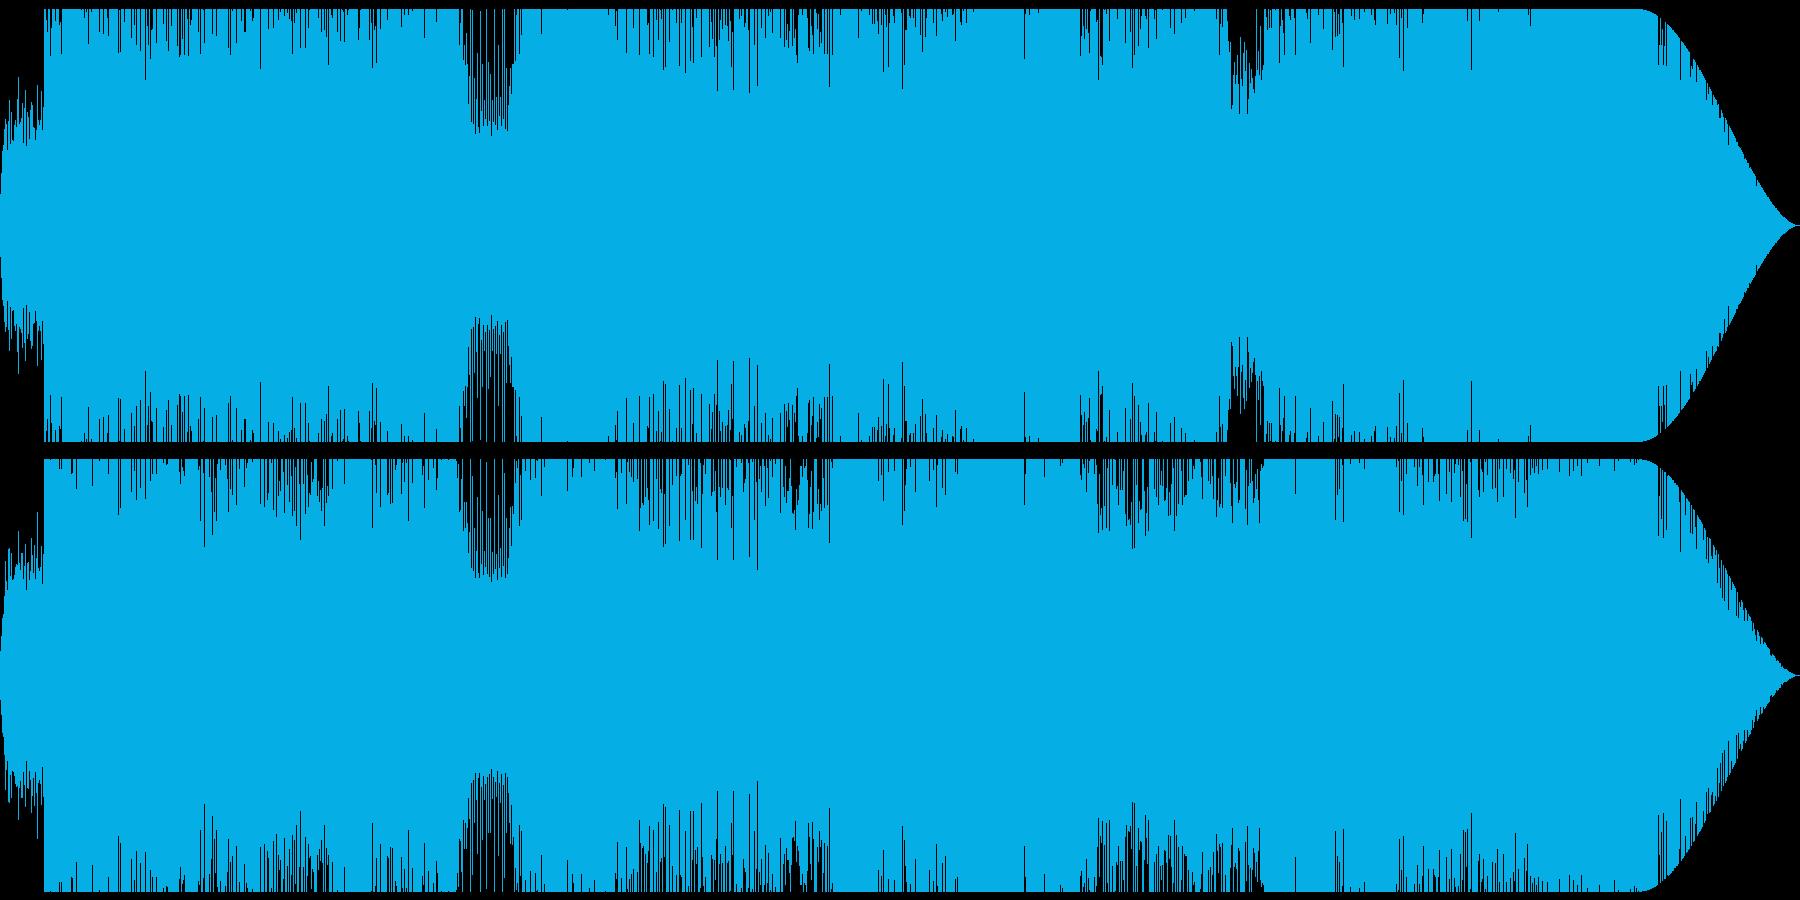 スピード感溢れるシーン用のハードロックの再生済みの波形